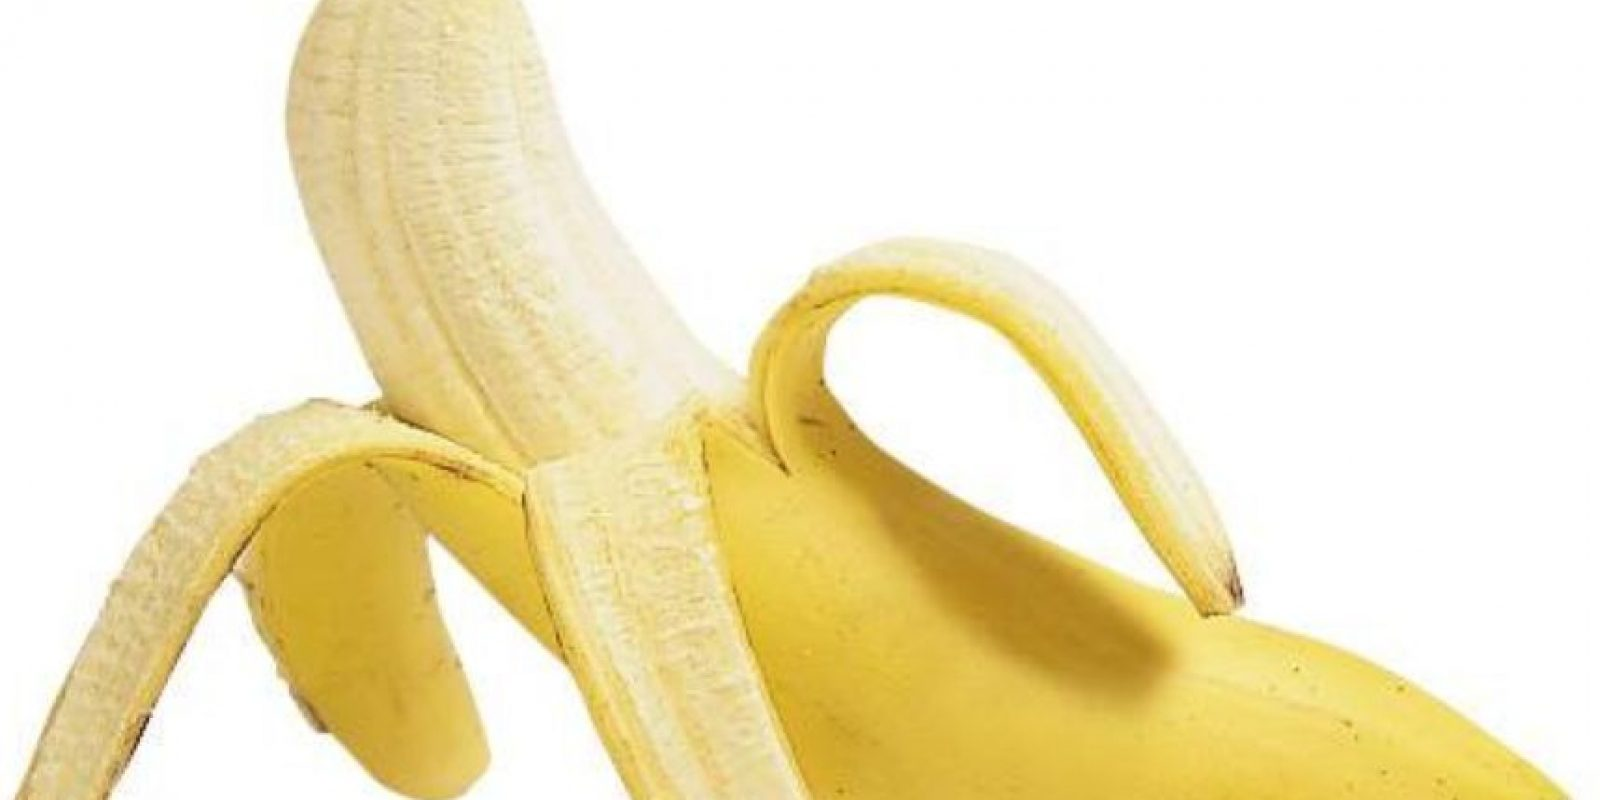 Comerse un plátano: no partan la cáscara en tres. En dos sale más rápido. Foto:vía Getty Images